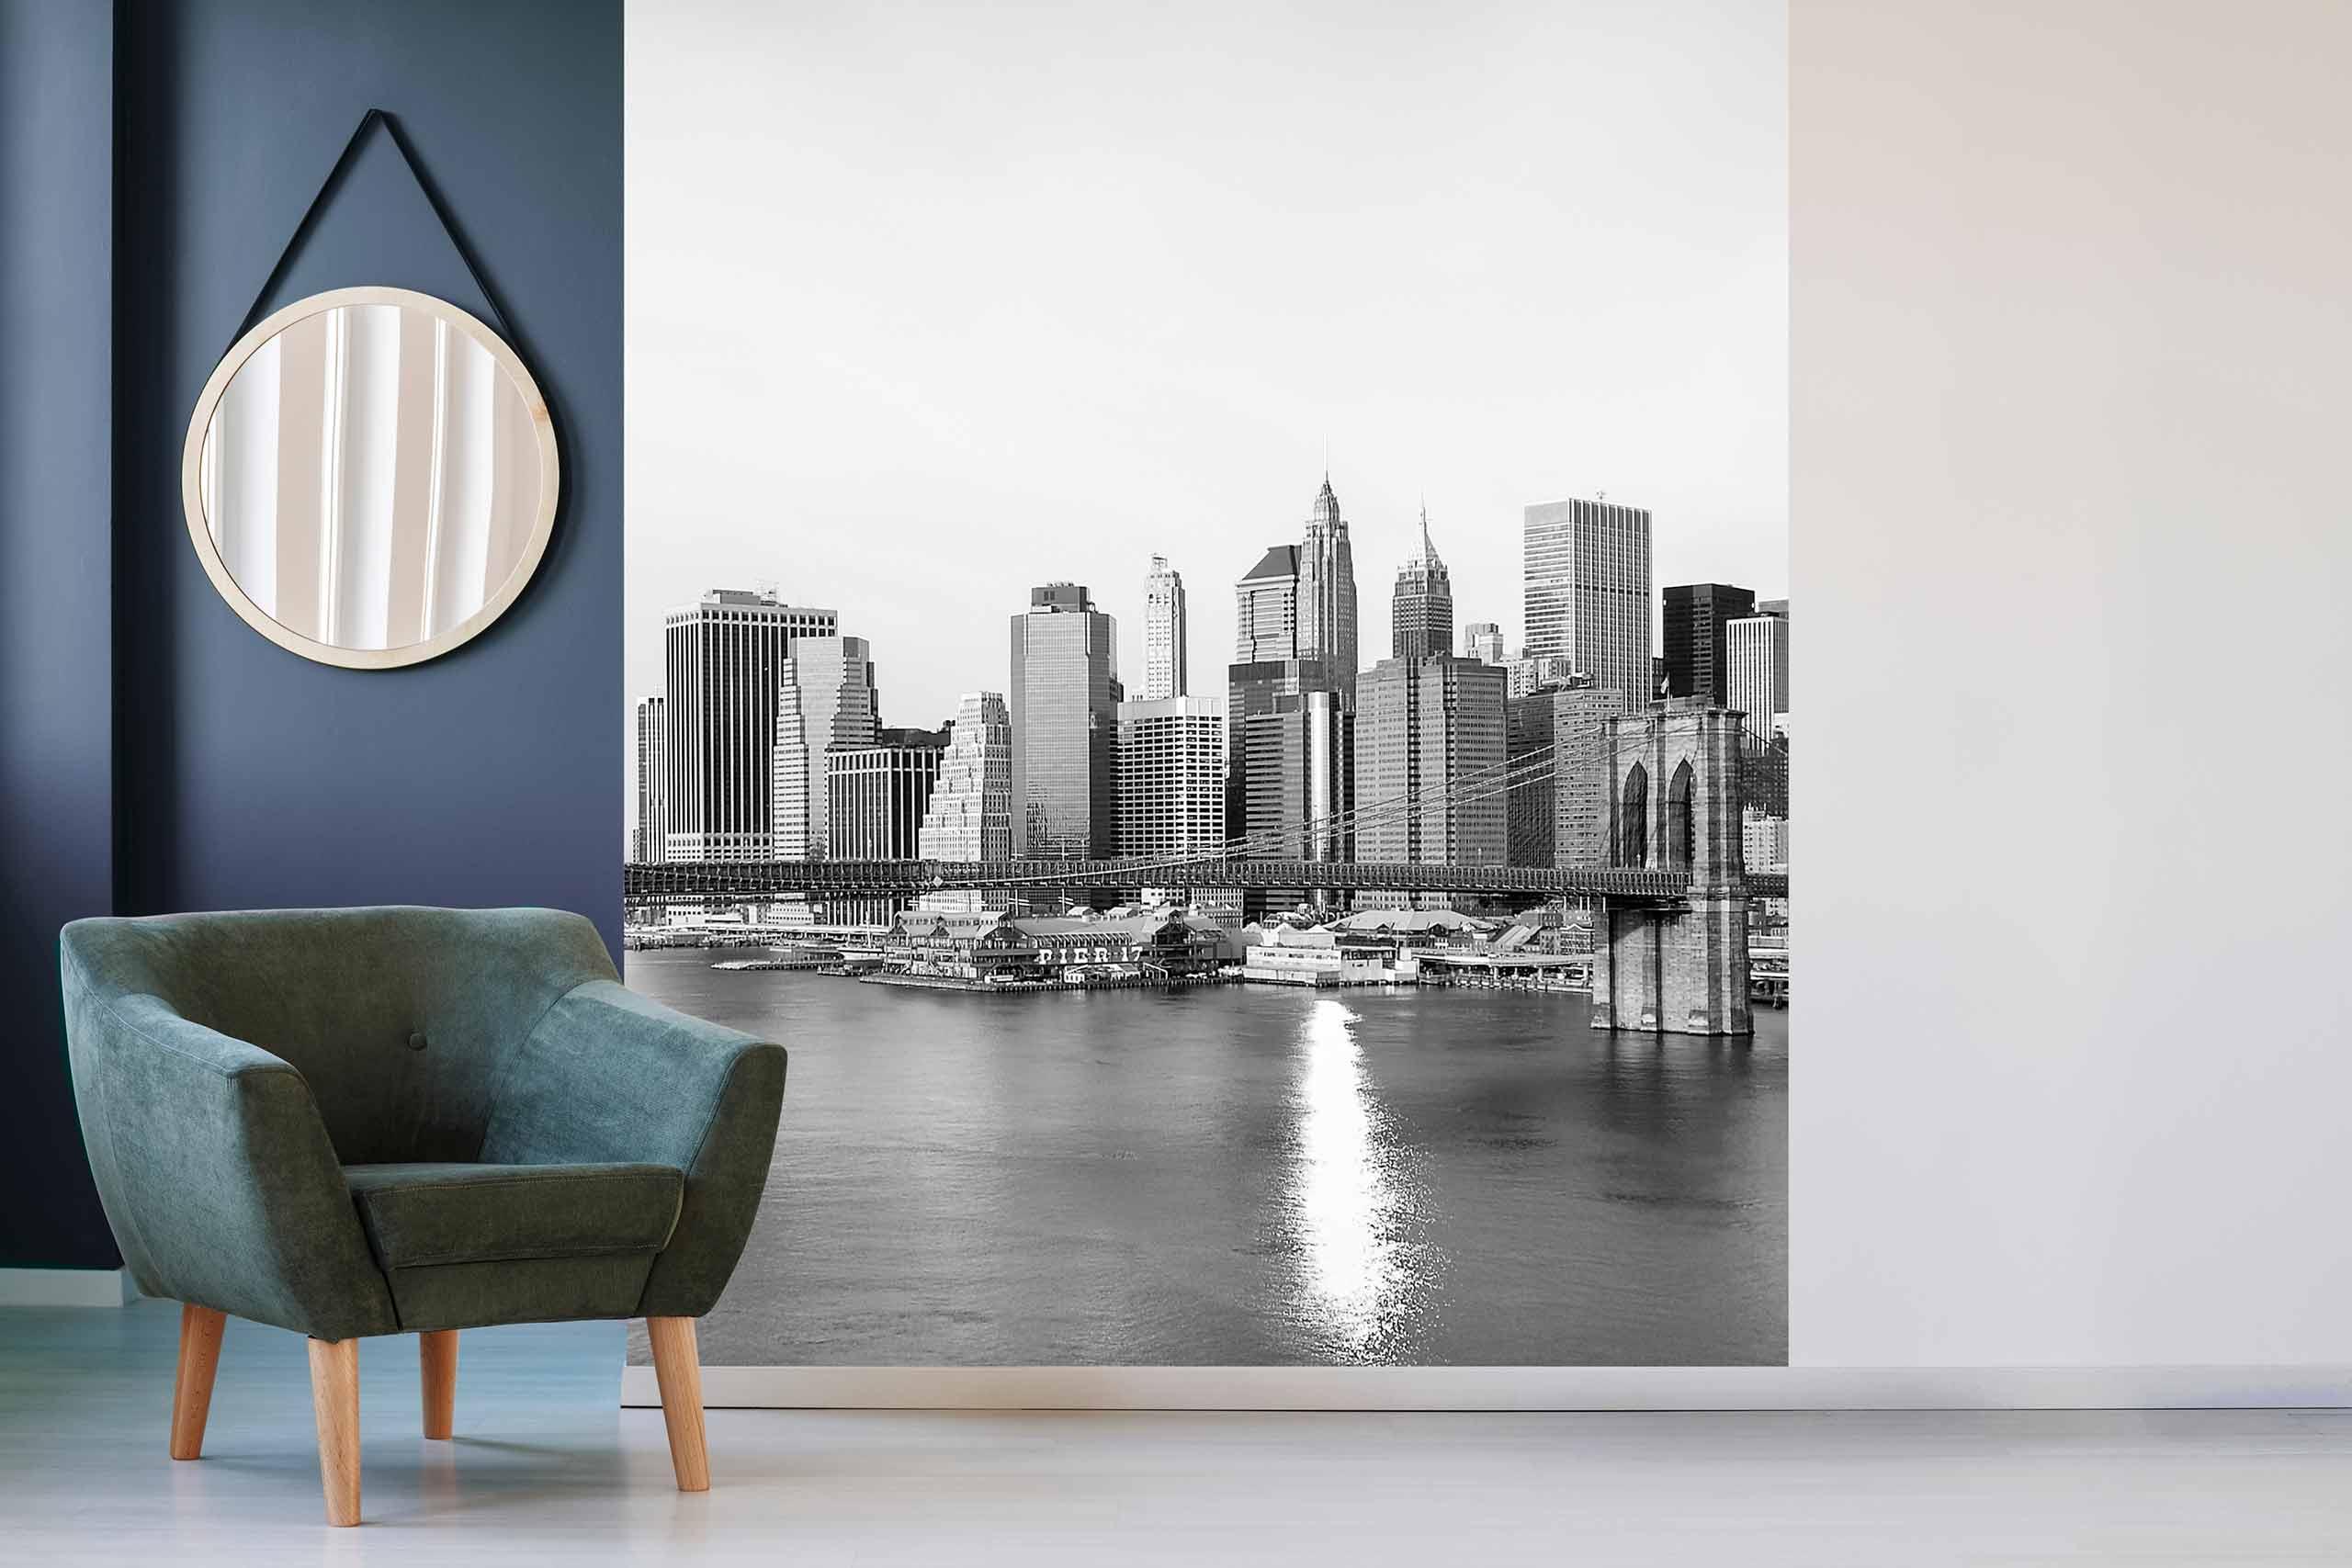 Vlies Tapete 225 Fototapete Höhe 250cm Motiv 12 New York Schwarz-Weiß